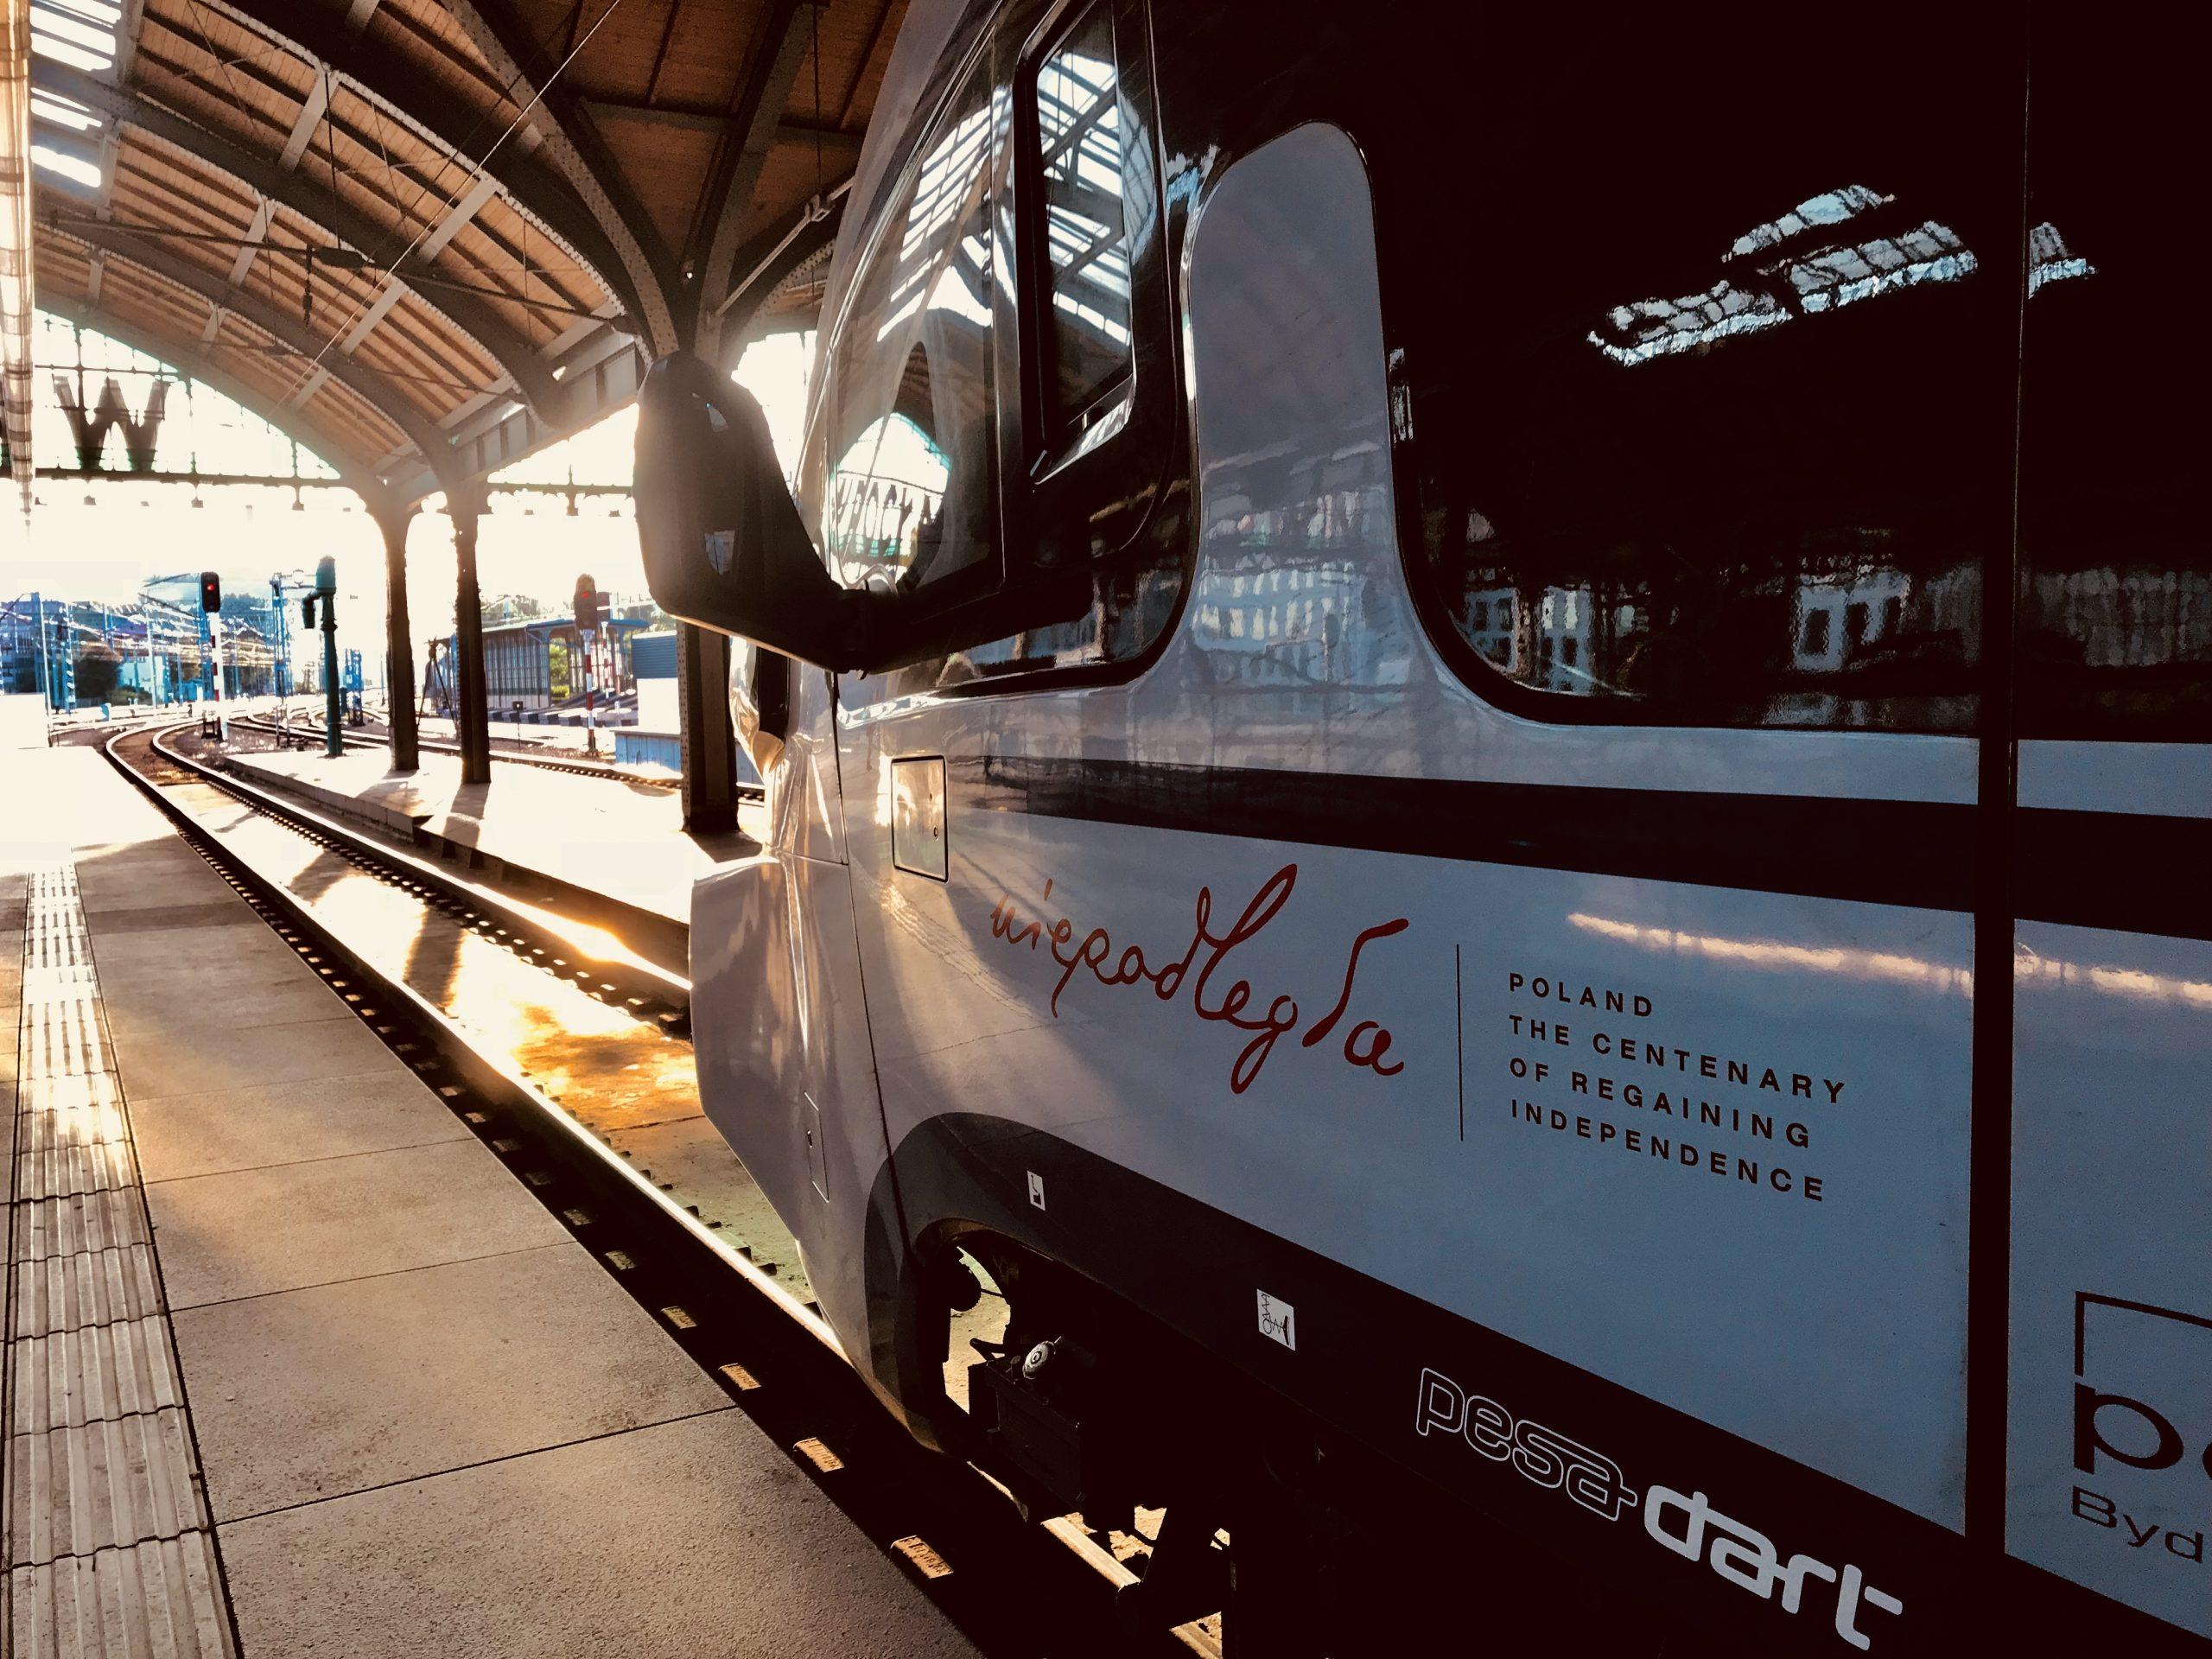 голова поезда с логотипом «Независимая». Поезд стоит на станции на фоне заходящего солнца